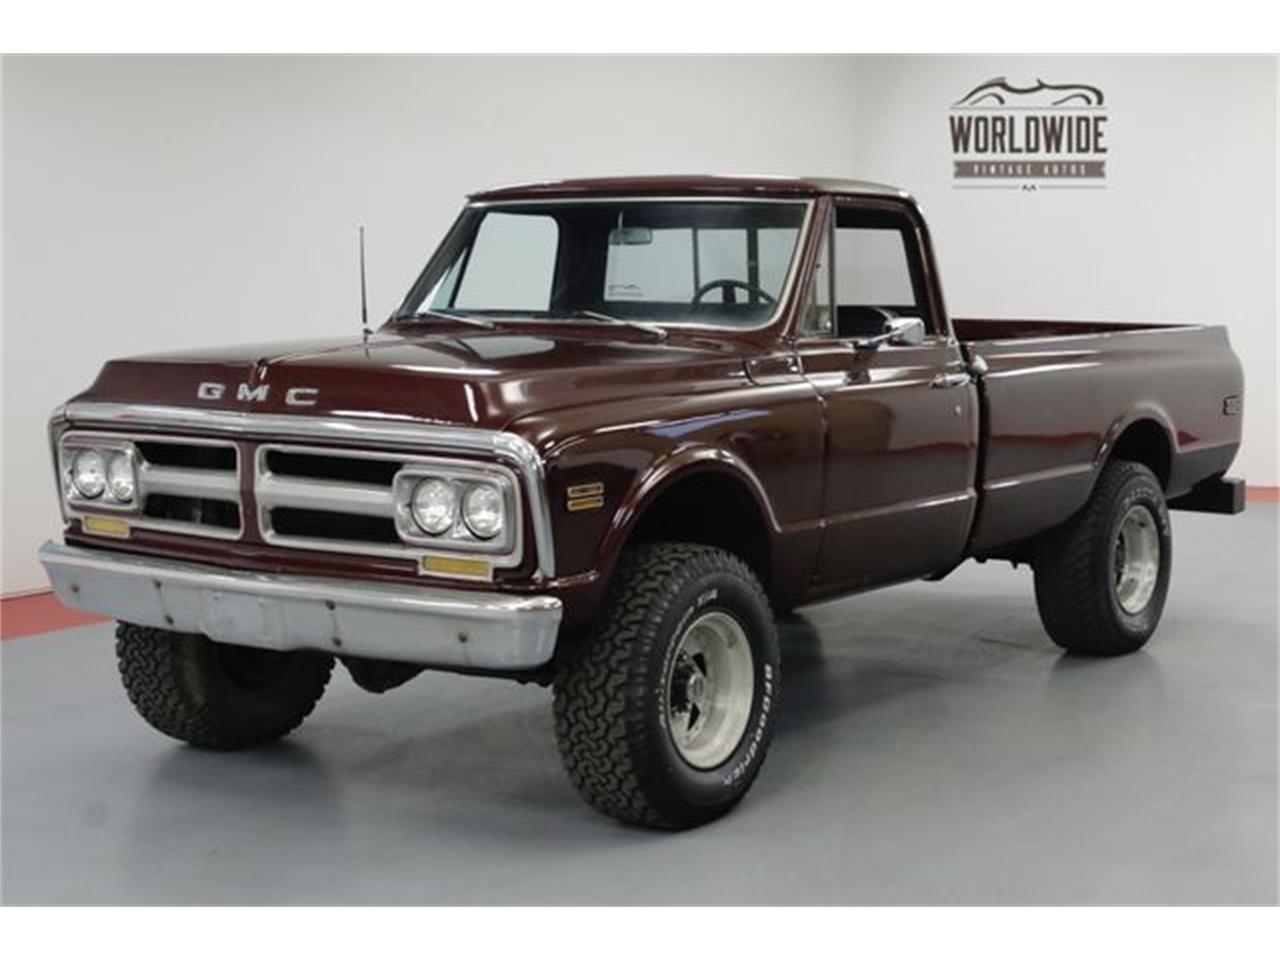 For Sale: 1972 GMC K20 in Denver , Colorado